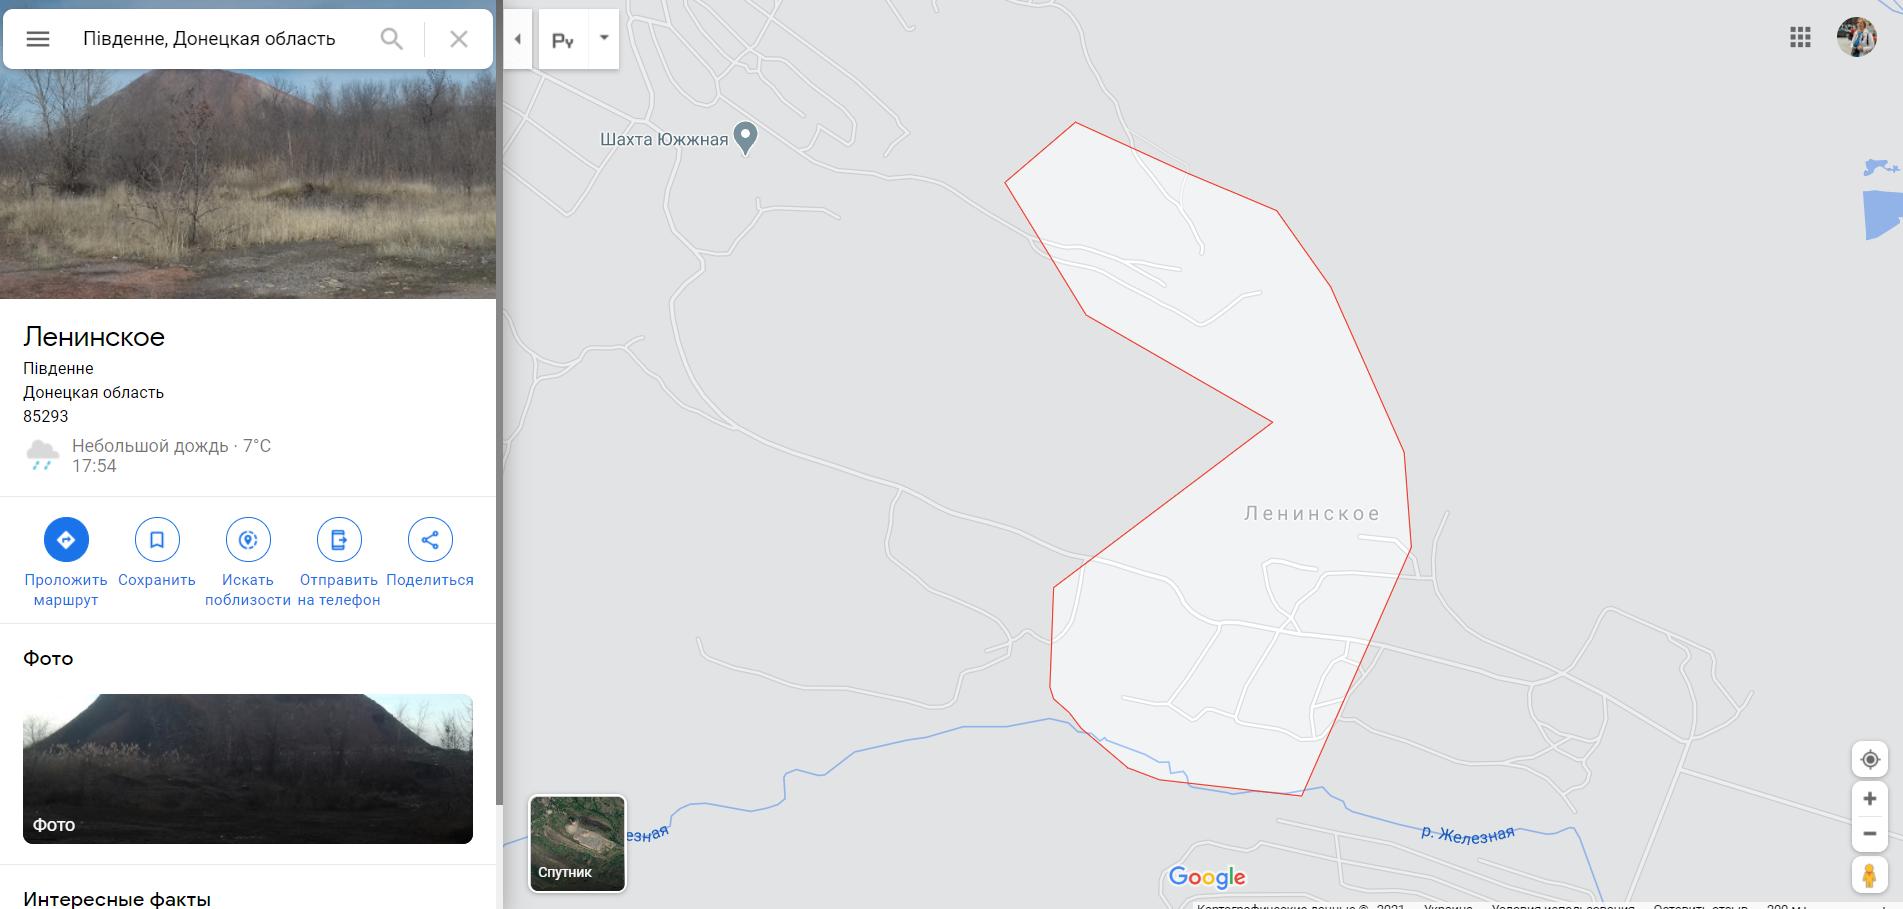 Поселок Южное на карте Донетчины